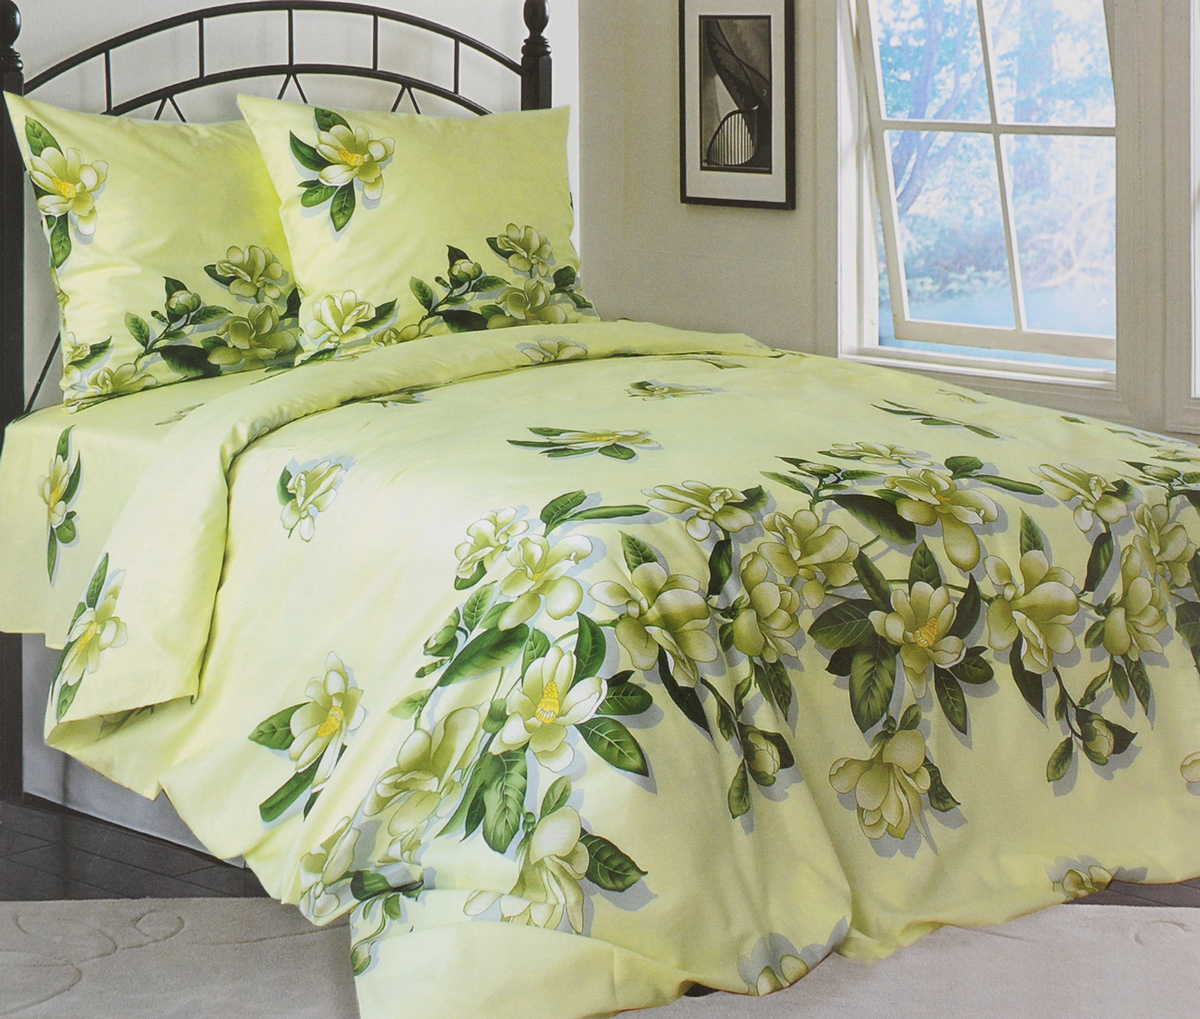 Комплект белья Катюша Юнона, 2-спальный, наволочки 70х70, цвет: зеленый, серый, желтый016535241Роскошный комплект белья Катюша Юнона, выполненный из бязи (100% натуральногохлопка), состоит из пододеяльника, простыни и двух наволочек. Постельное белье оформлено изображением цветов и имеет изысканный внешний вид. Бязь - это ткань полотняного переплетения, изготовленная из экологически чистого и натурального 100% хлопка.Она приятная на ощупь, при этом очень прочная, хорошо сохраняет форму и легко гладится. Ткань прекрасно пропускает воздух и за ней легко ухаживать. Приобретая комплект постельного белья Катюша Юнона, вы можете быть уверенны в том, что покупка доставит вам и вашим близким удовольствие и подарит максимальный комфорт.